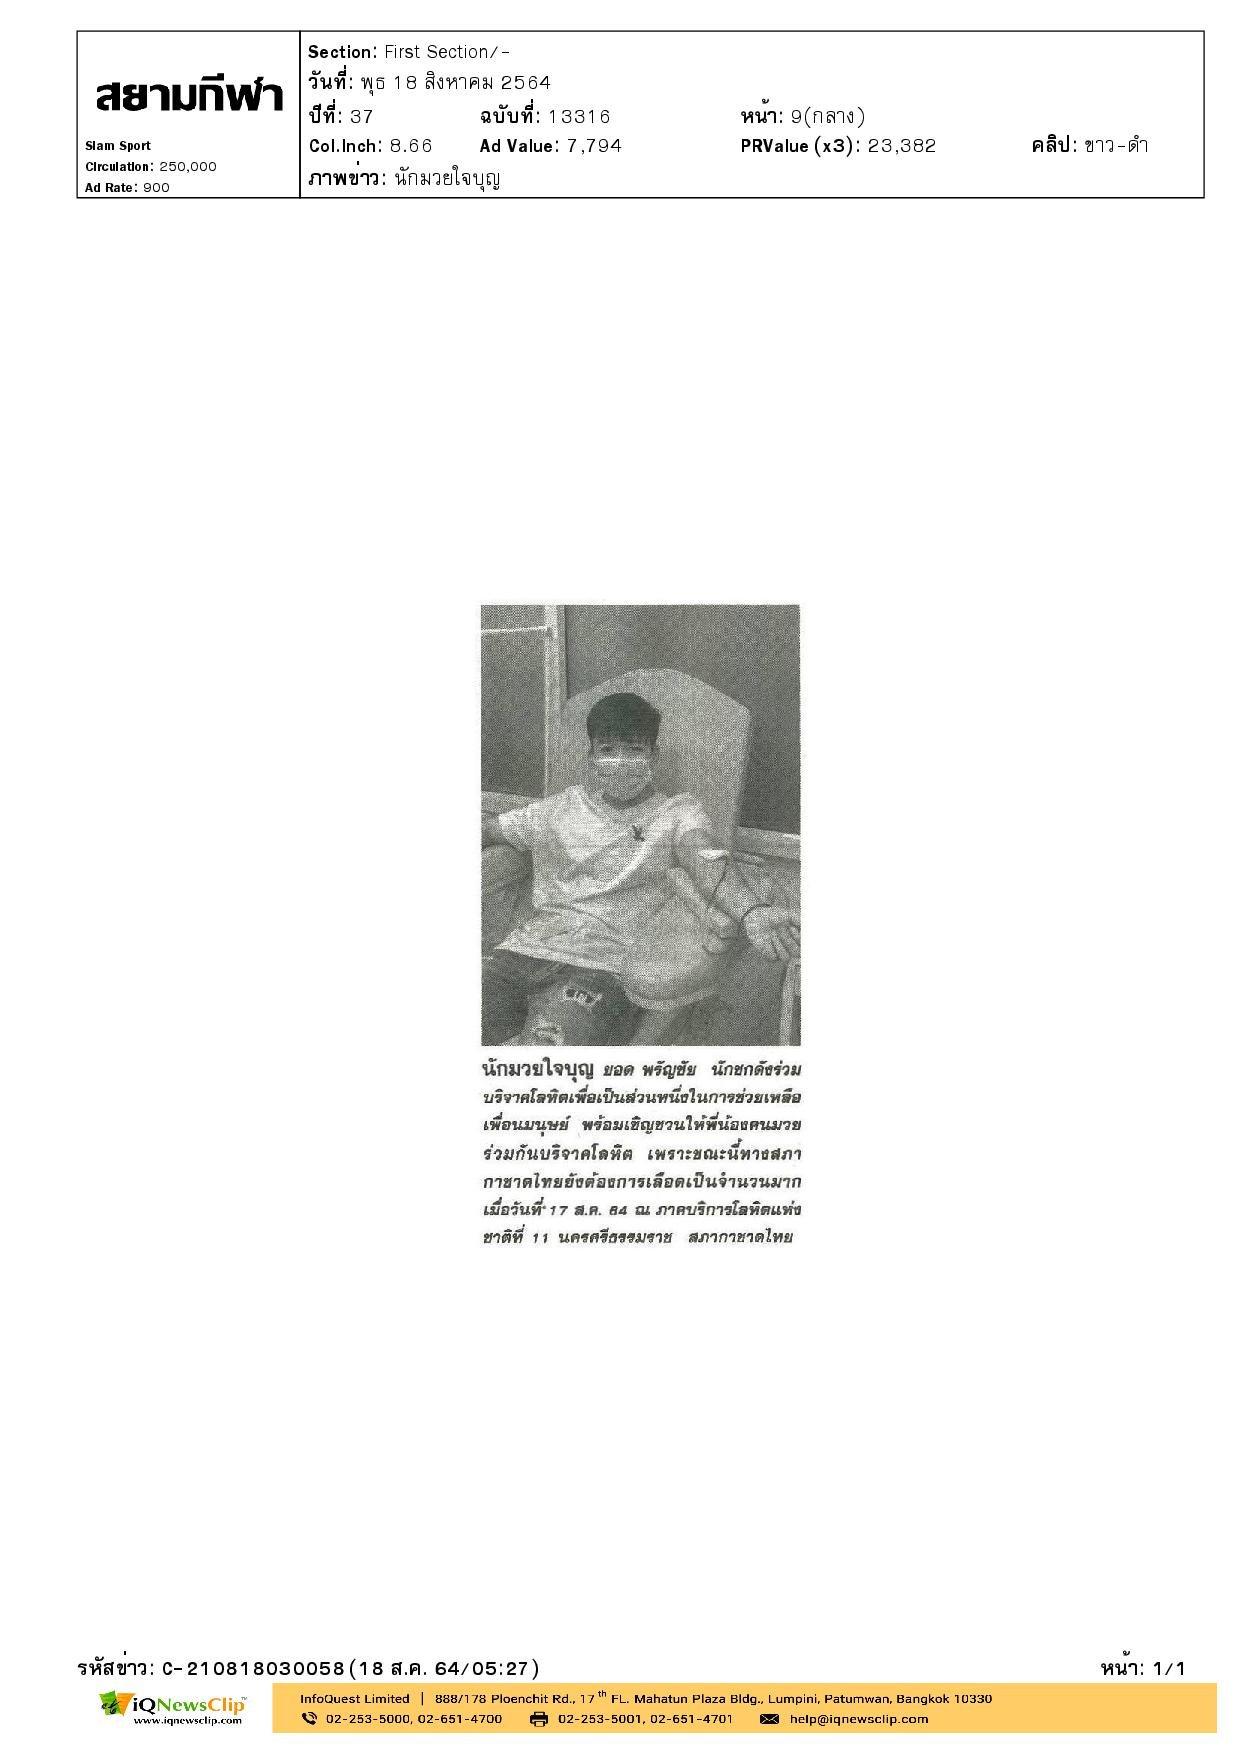 นักชกชื่อดัง ร่วมบริจาคโลหิตให้ภาคบริการโลหิตแห่งชาติที่ 11 นครศรีธรรมราช สภากาชาดไทย